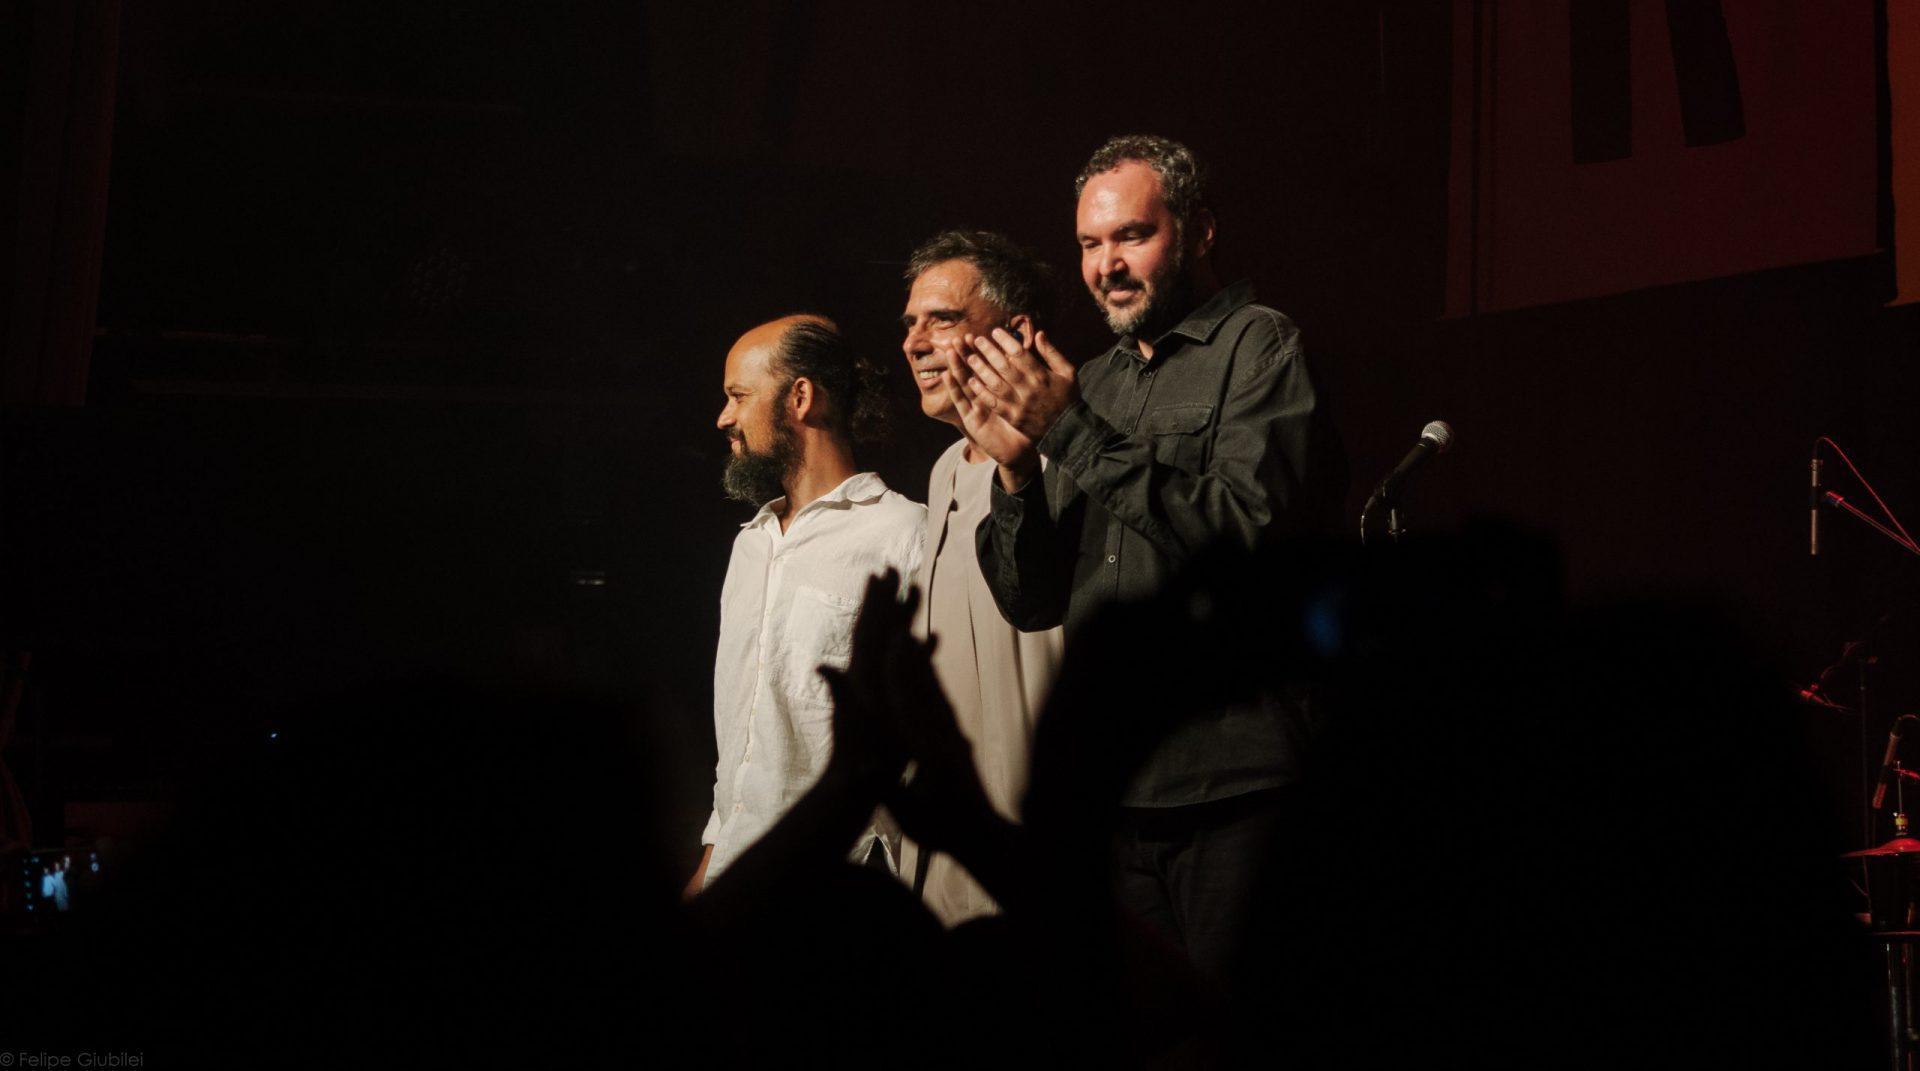 Imagem 16 do Evento Arnaldo Antunes no show Rstuvxz trio